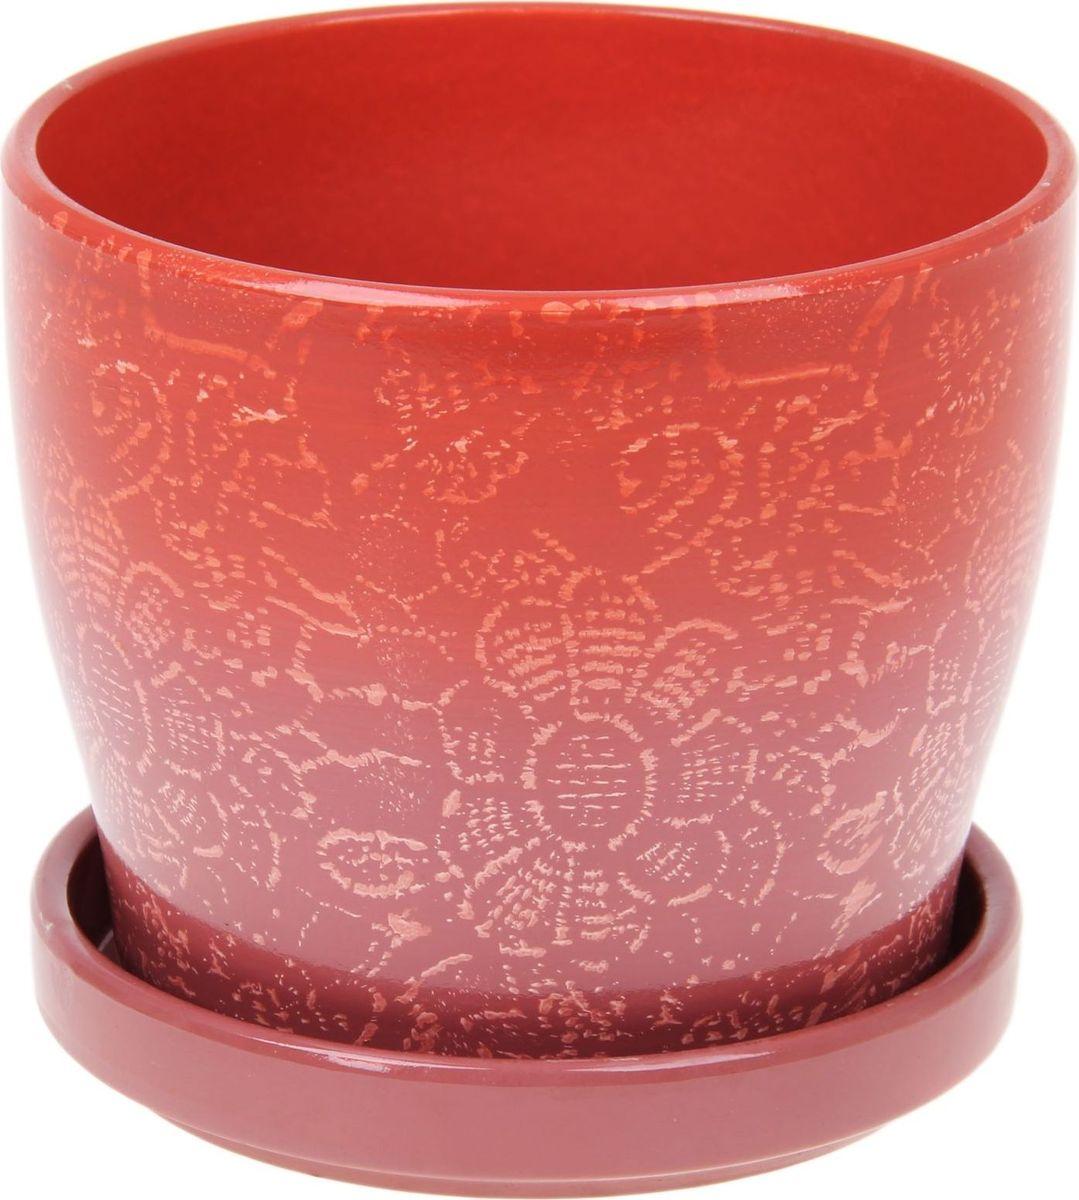 Кашпо Цветочное кружево, цвет: красный, 1,24 л1056017Комнатные растения — всеобщие любимцы. Они радуют глаз, насыщают помещение кислородом и украшают пространство. Каждому из них необходим свой удобный и красивый дом. Кашпо из керамики прекрасно подходят для высадки растений: за счёт пластичности глины и разных способов обработки существует великое множество форм и дизайновпористый материал позволяет испаряться лишней влагевоздух, необходимый для дыхания корней, проникает сквозь керамические стенки! #name# позаботится о зелёном питомце, освежит интерьер и подчеркнёт его стиль.